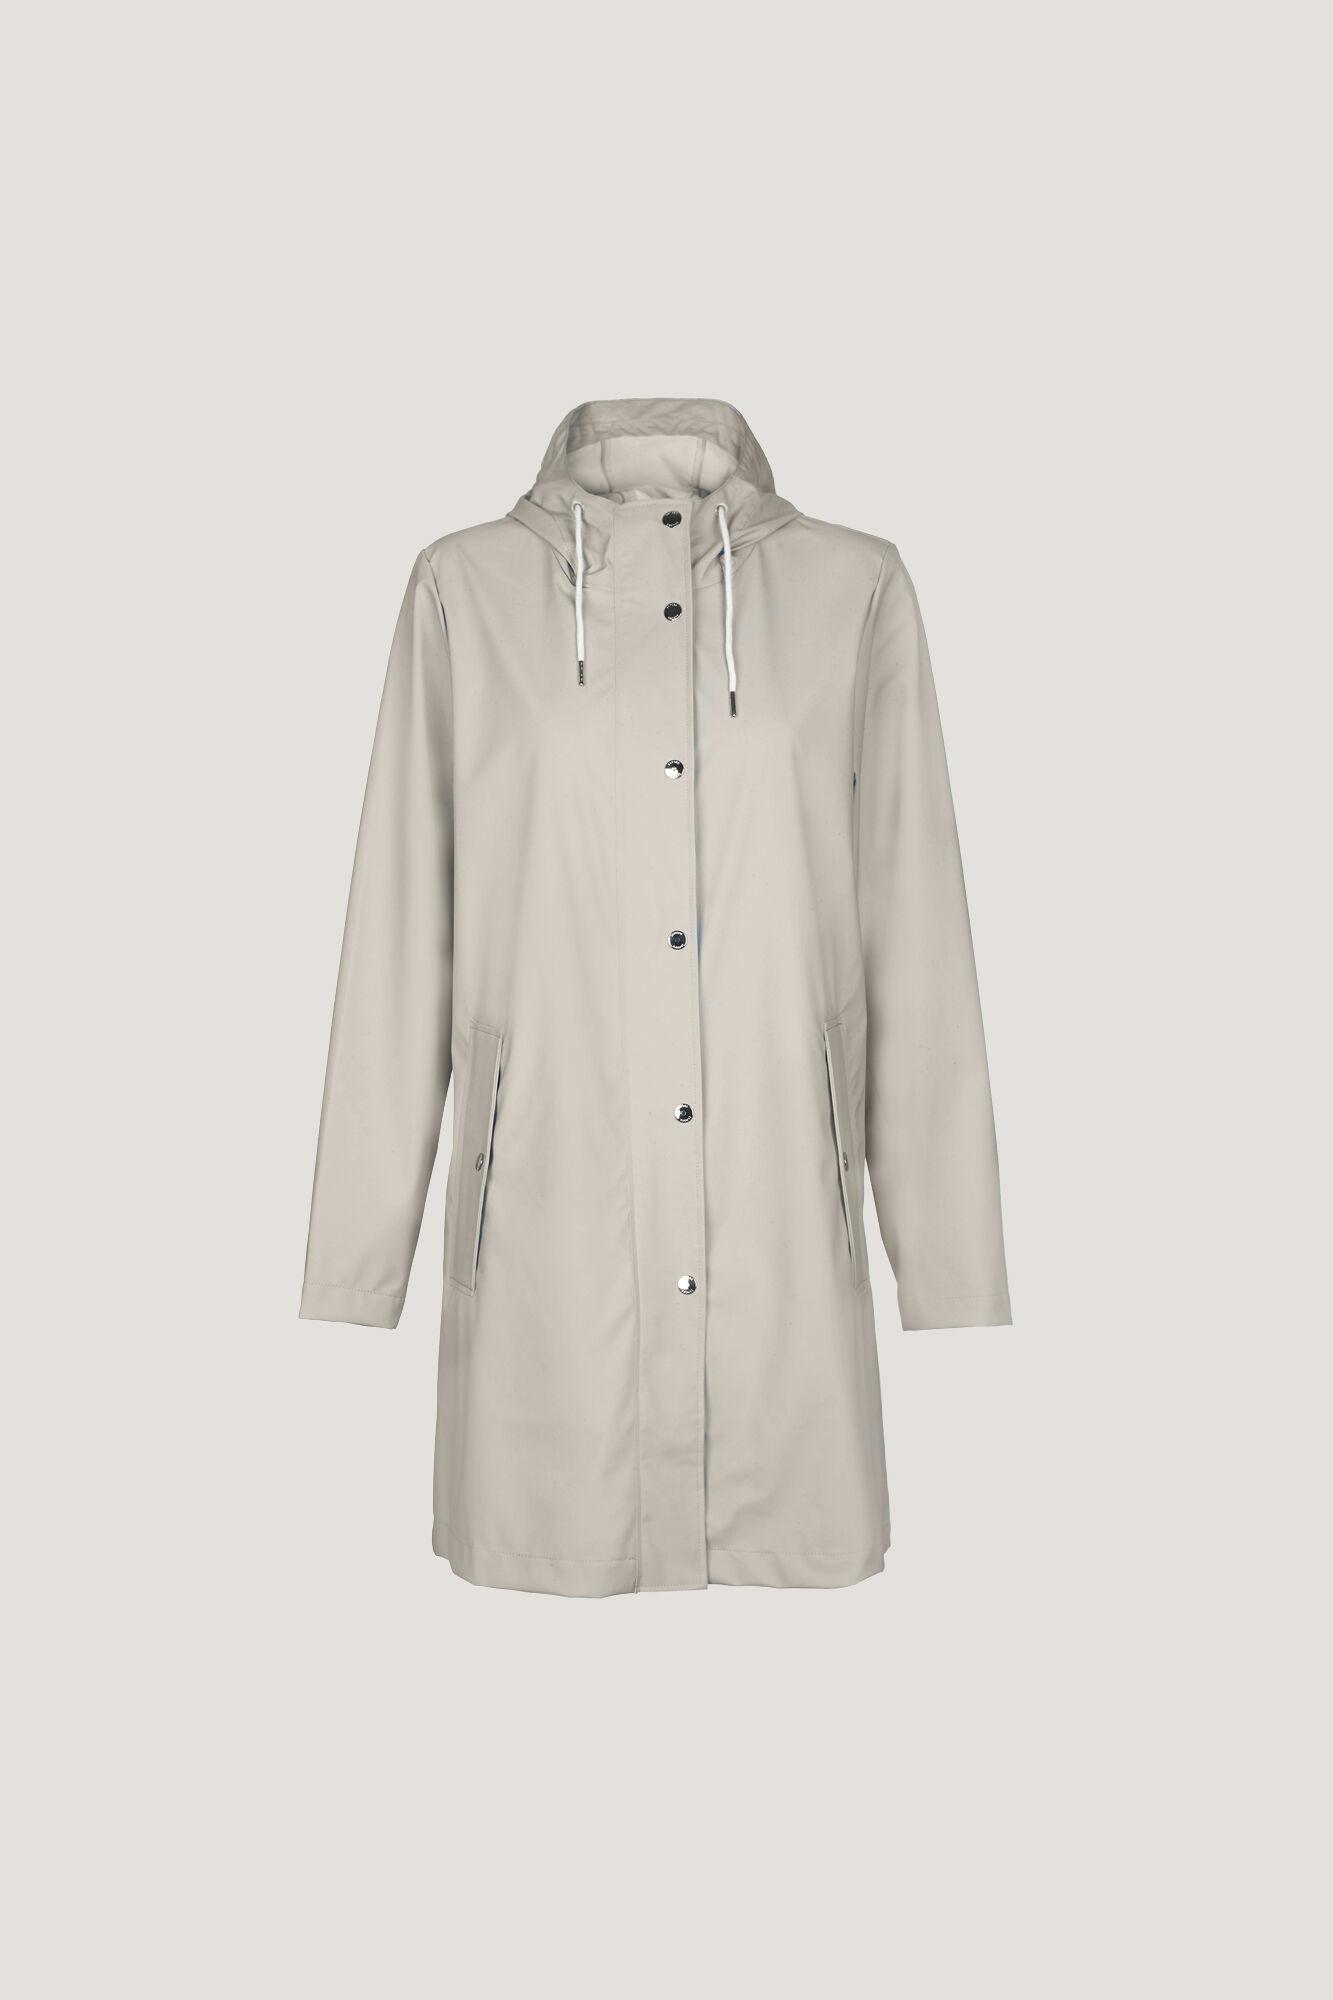 stala jacket samsoe samsoe-10